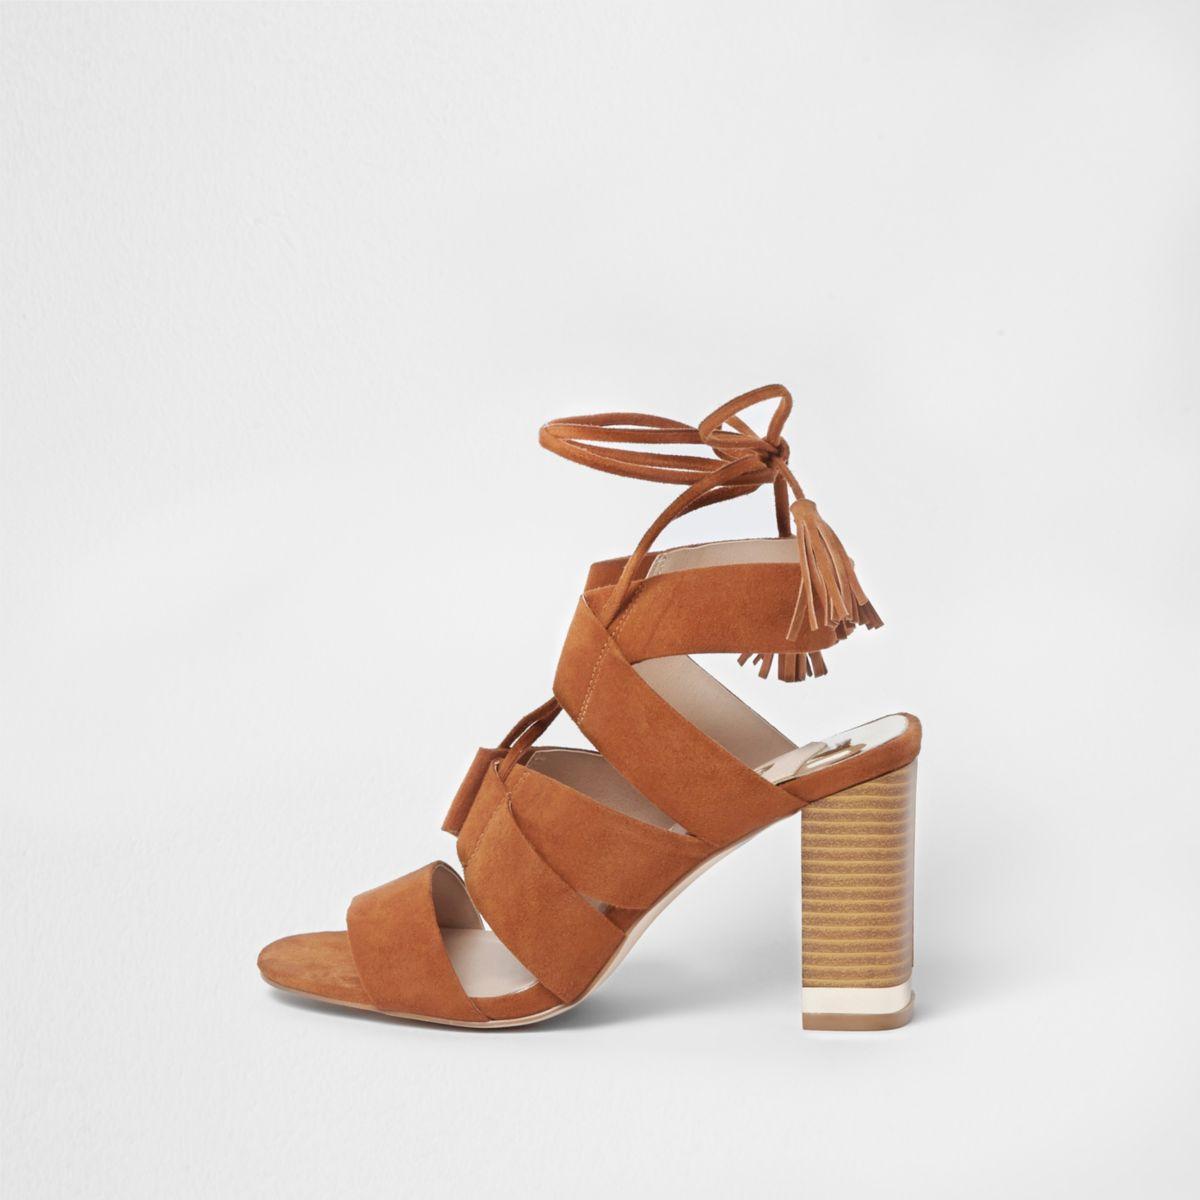 Tan tie up block heel sandals